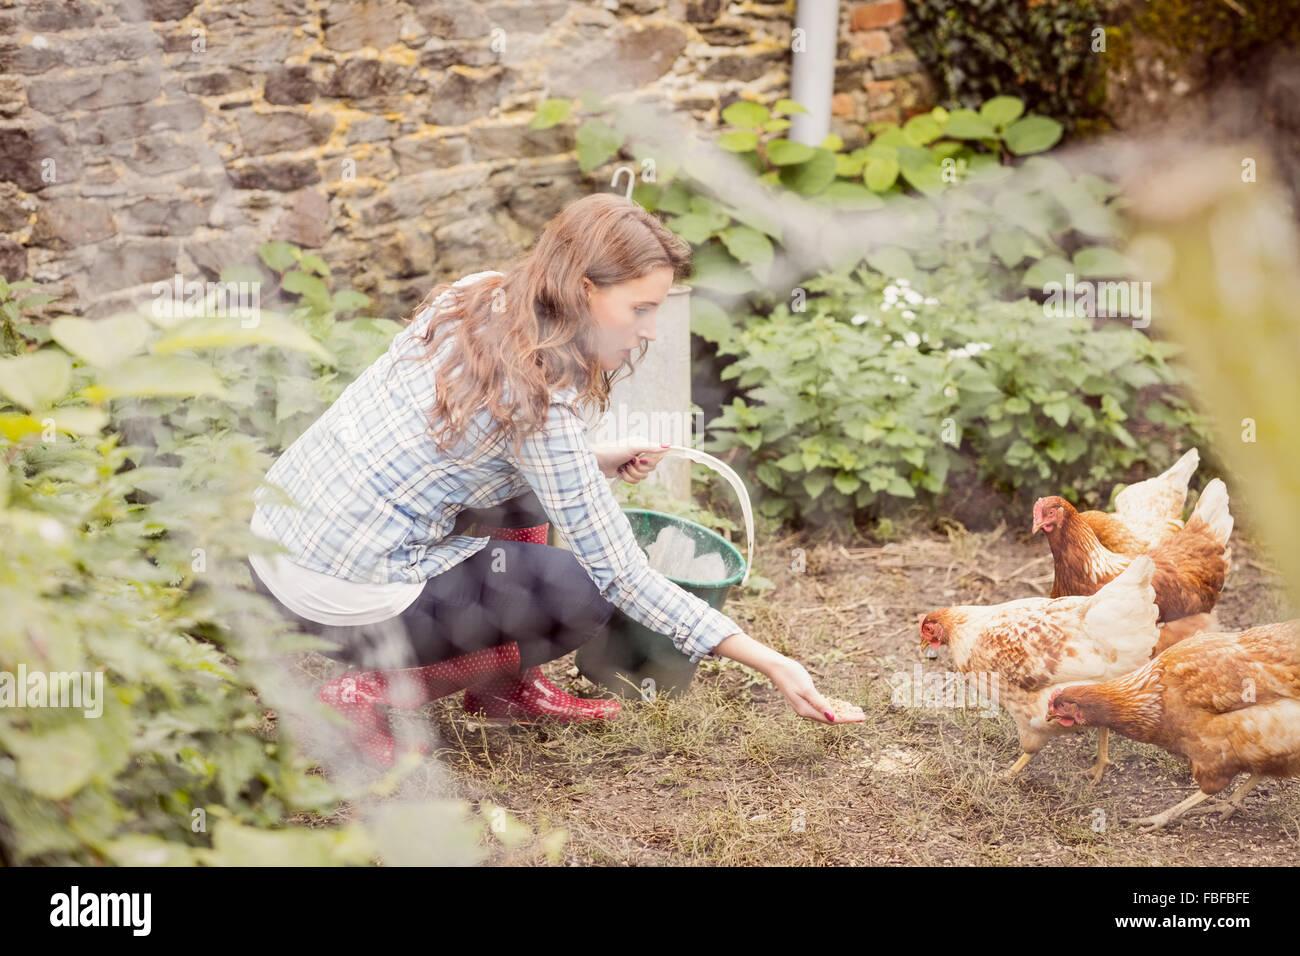 Junge Frau, die Hühner füttern Stockbild